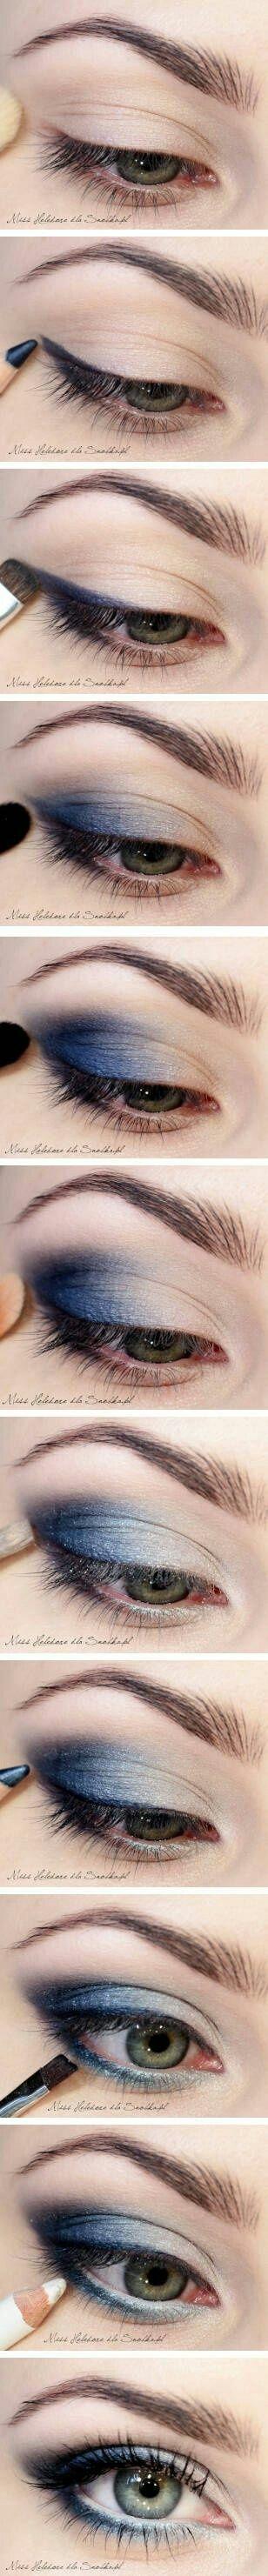 Smudged eyeliner.